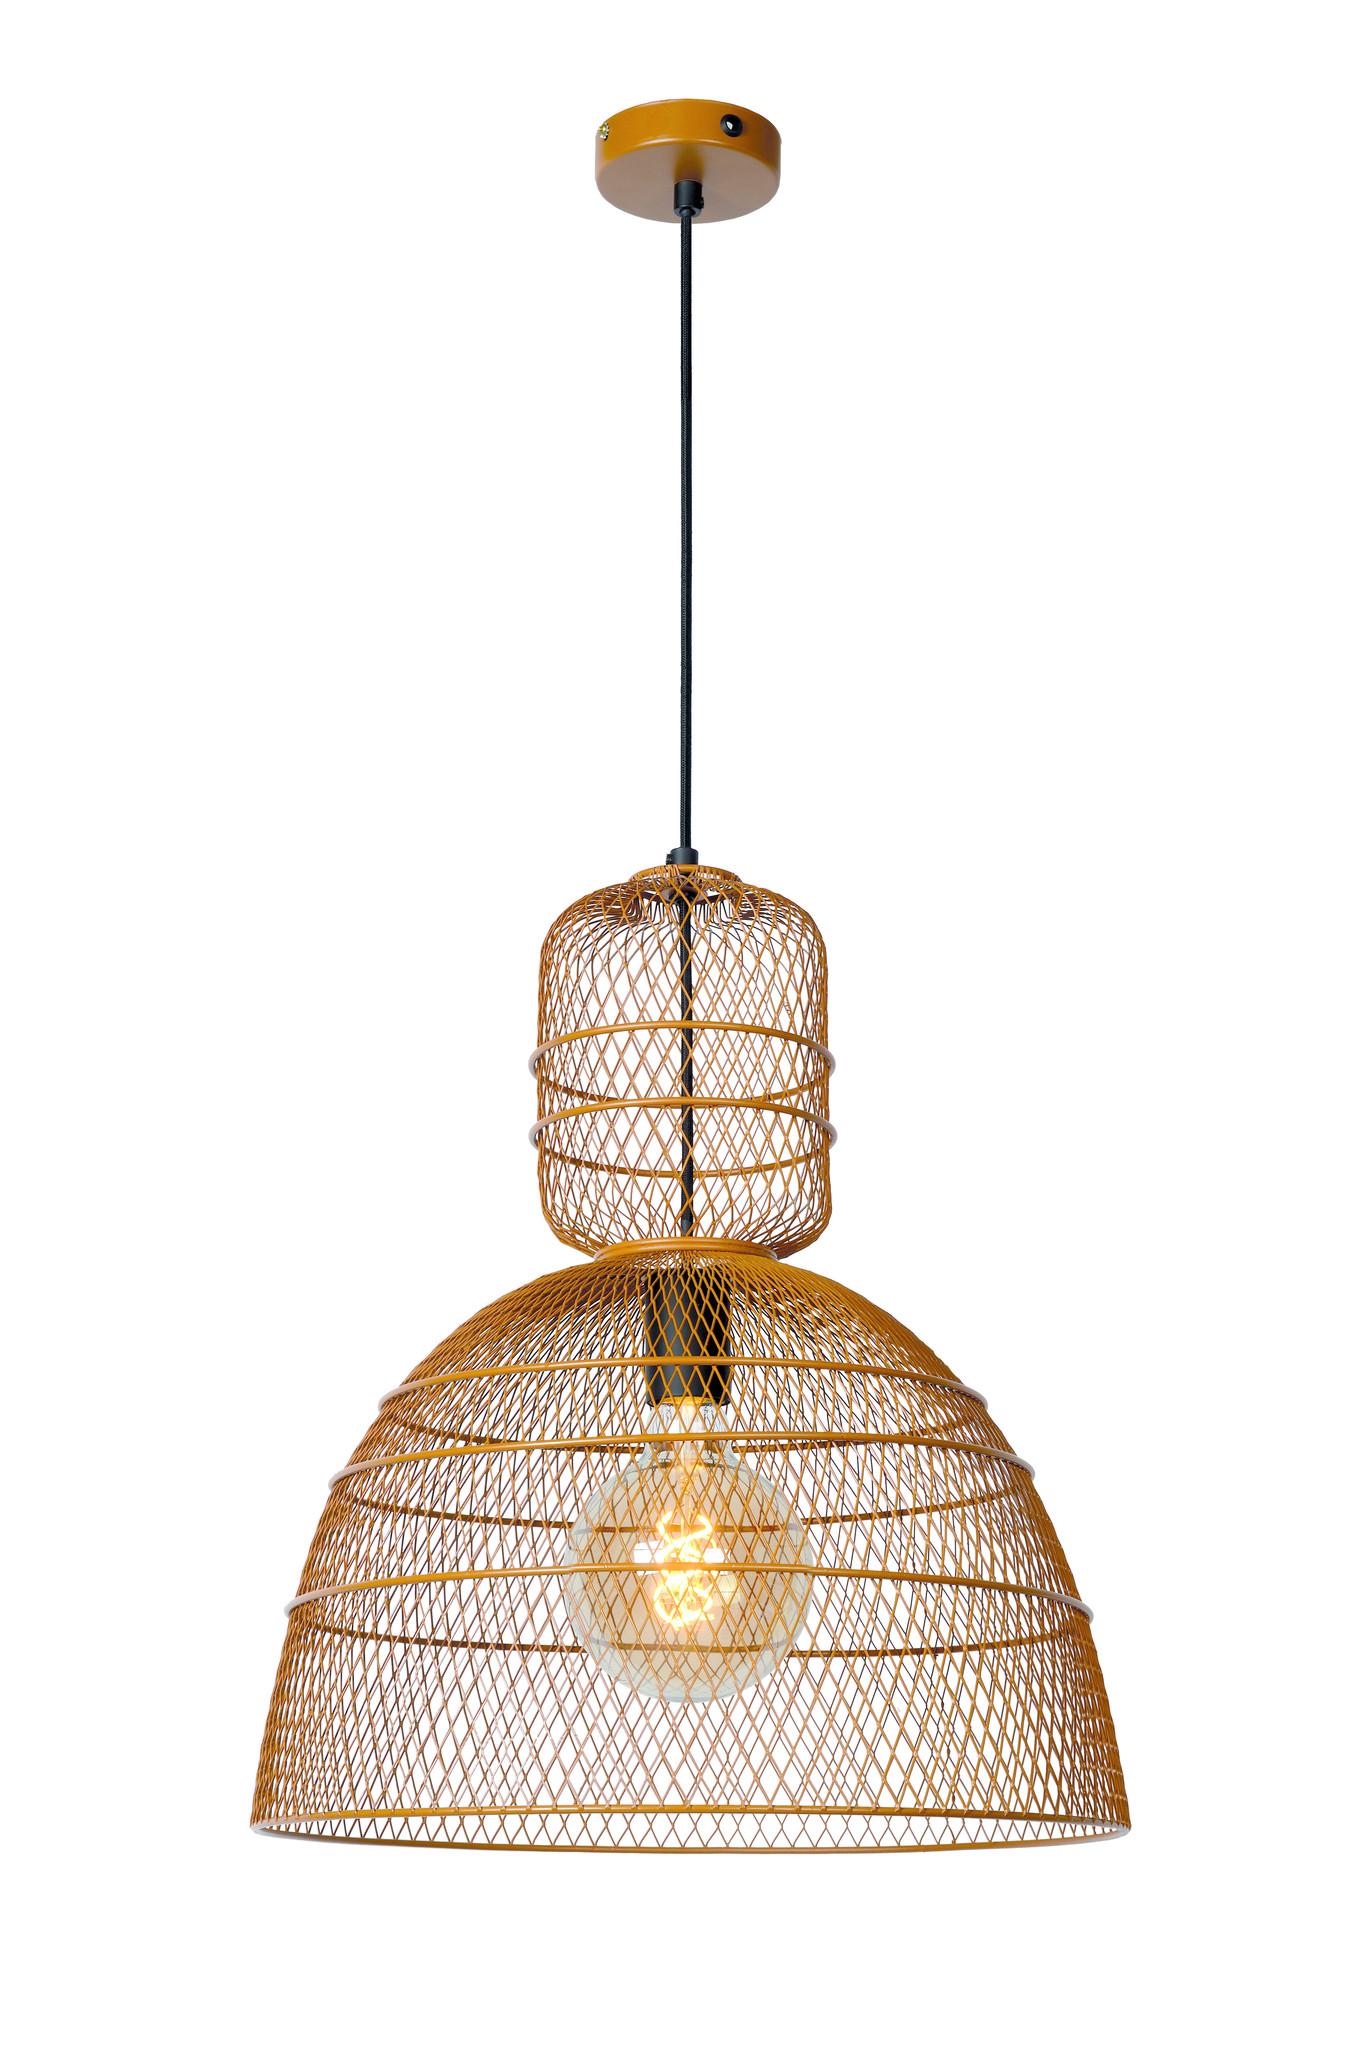 Lucide GASSET Hanglamp-Bruin-Ø42,5-1xE27-60W-Metaal